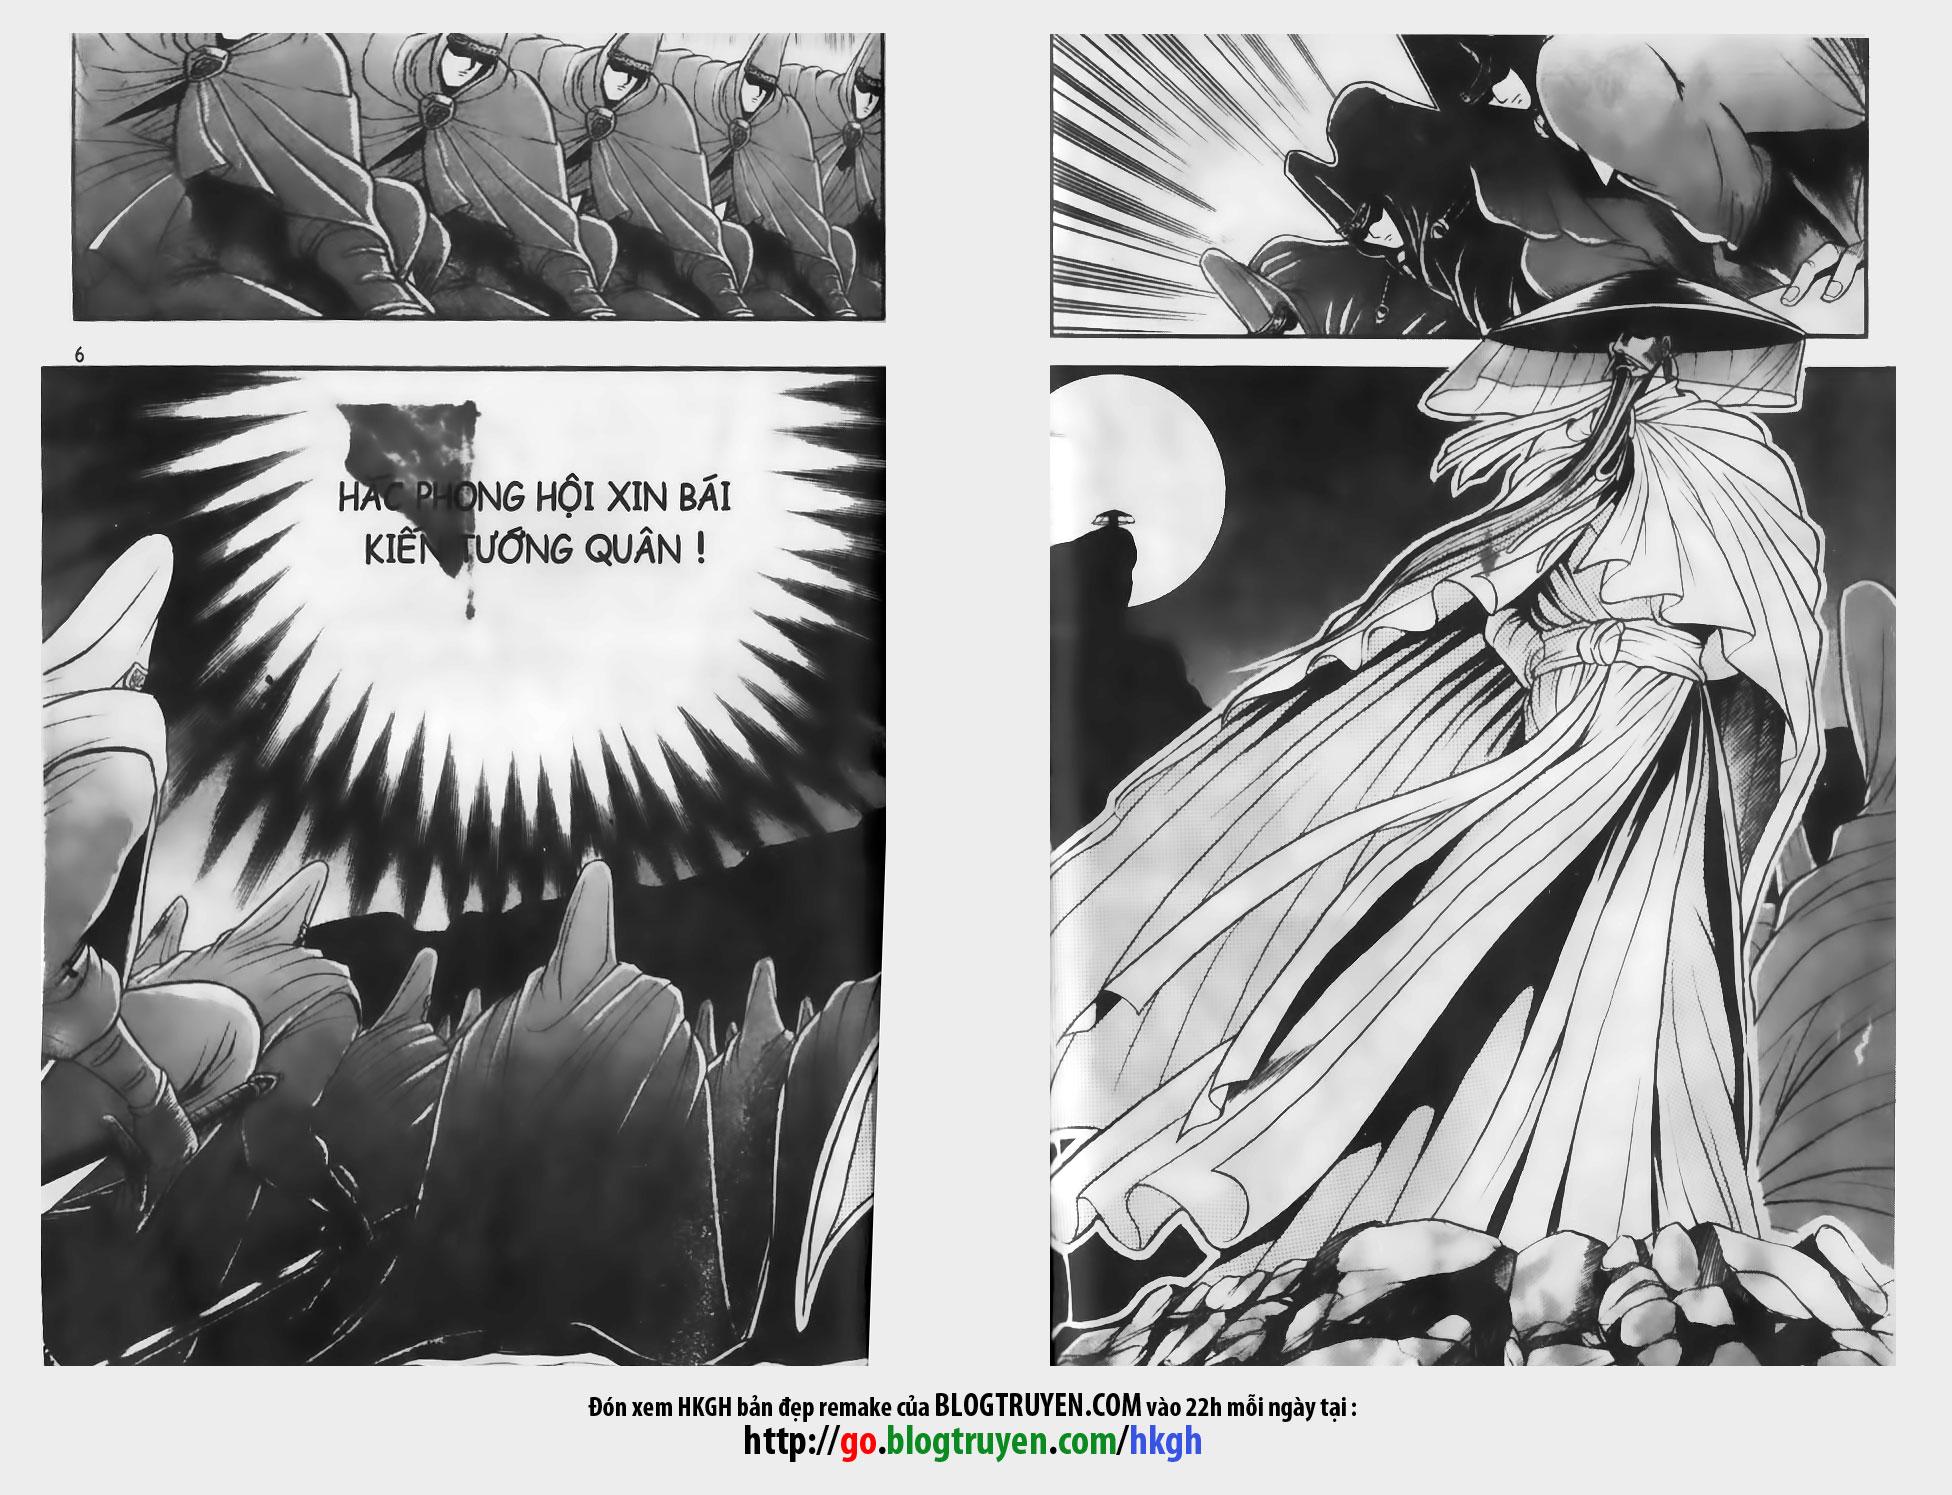 xem truyen moi - Hiệp Khách Giang Hồ Vol05 - Chap 029 - Remake